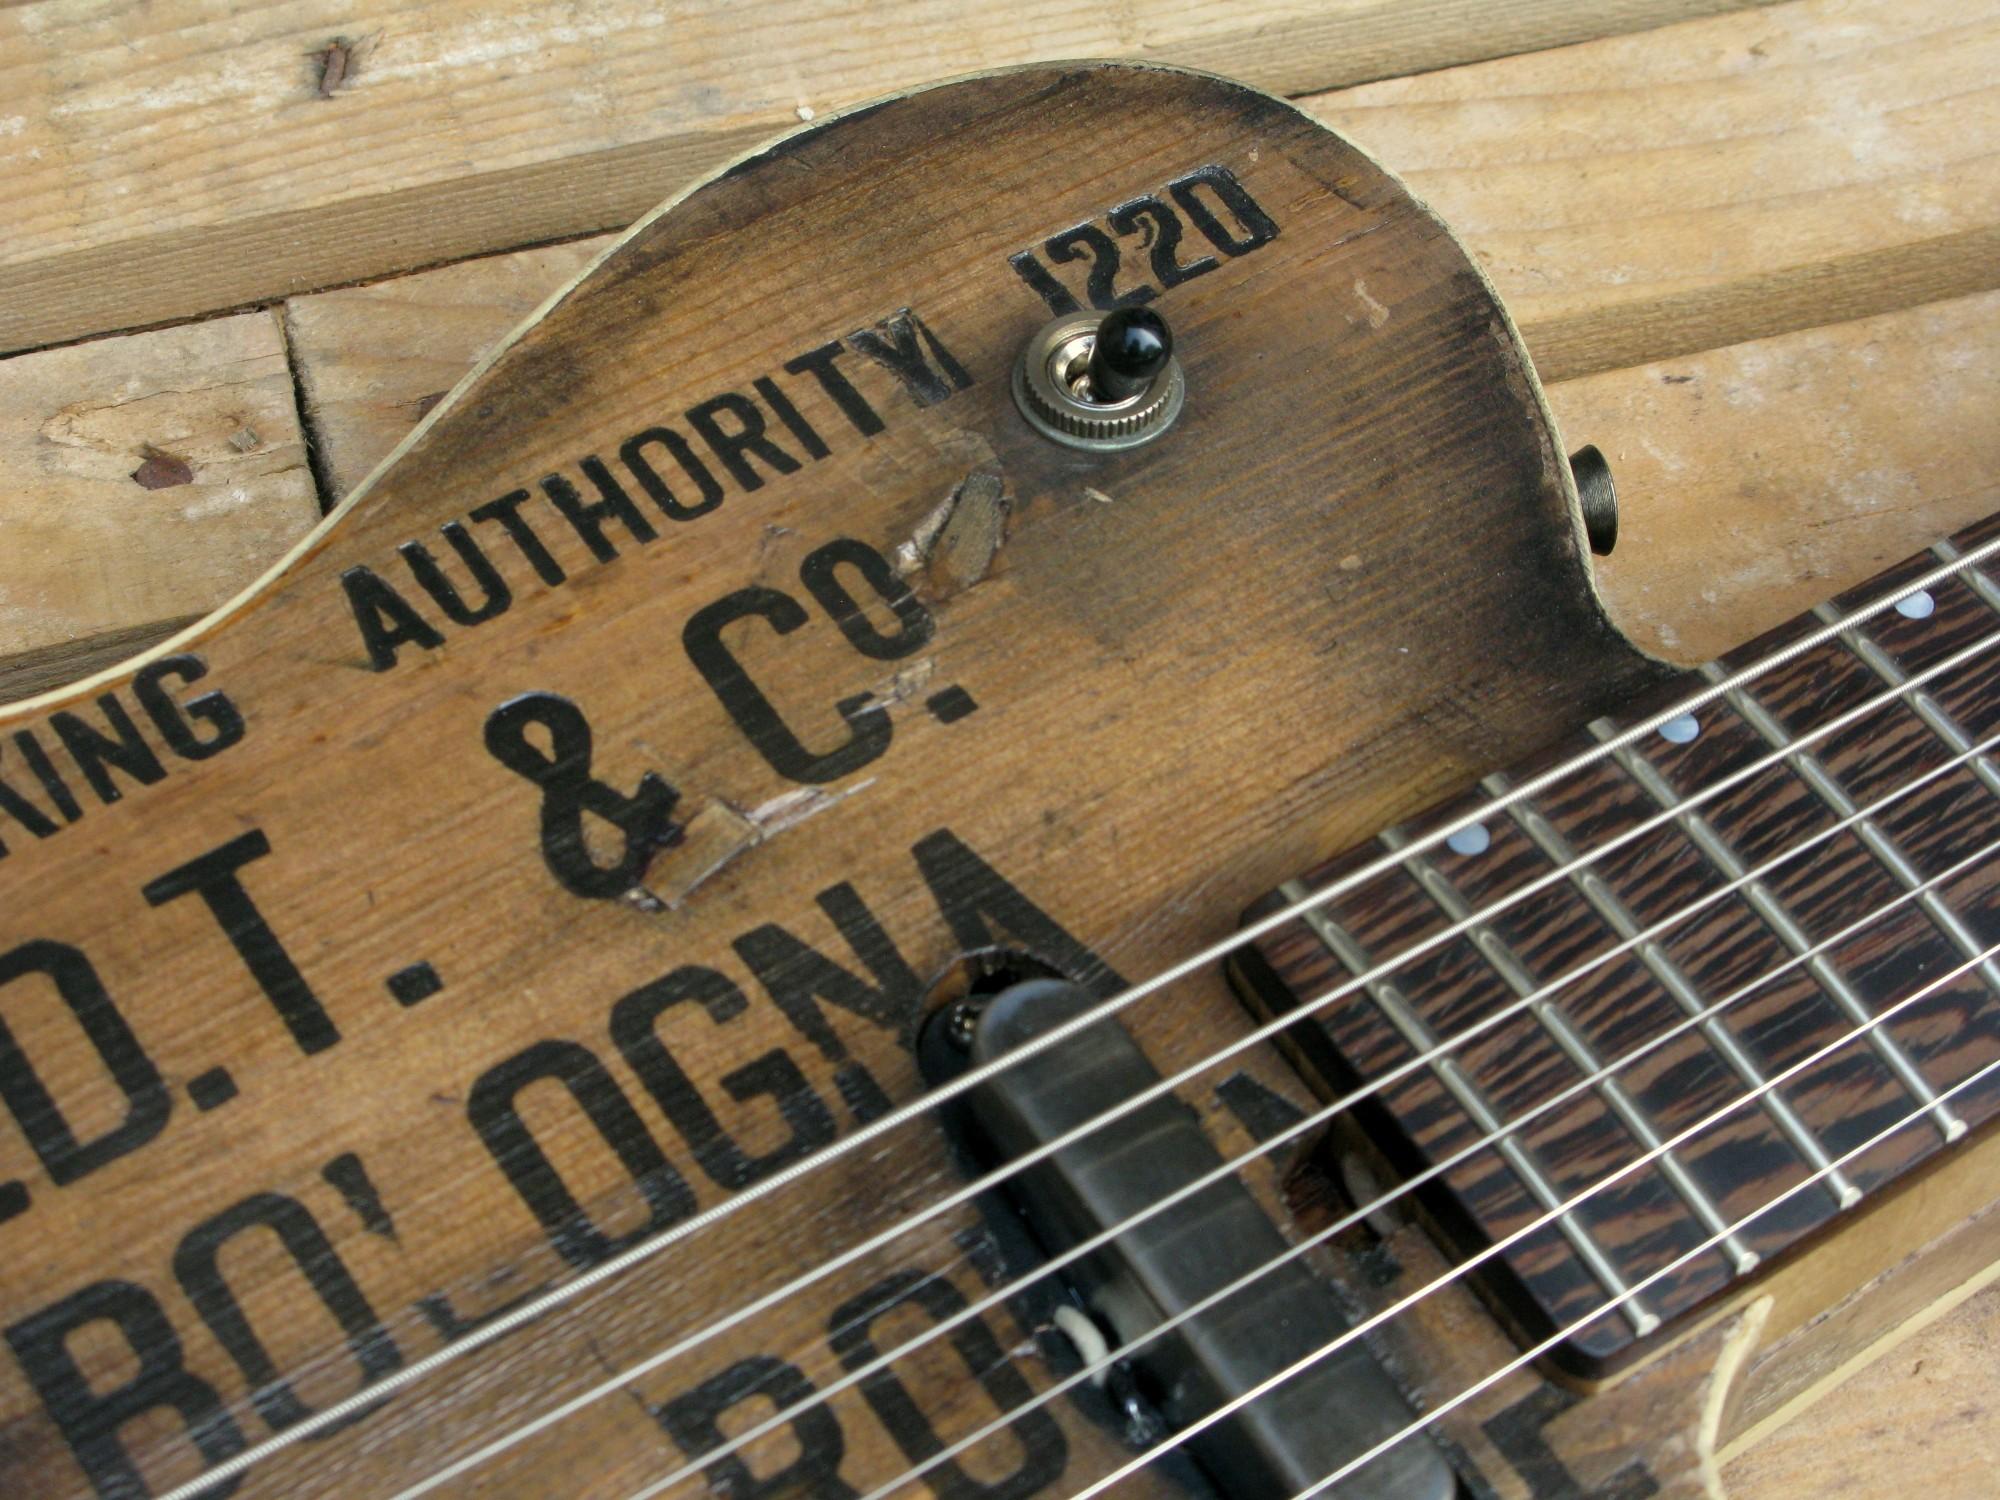 Pickup al manico di una chitarra elettrica baritono modello Telecaster con top ricavato da una vecchia cassetta di polvere da sparo